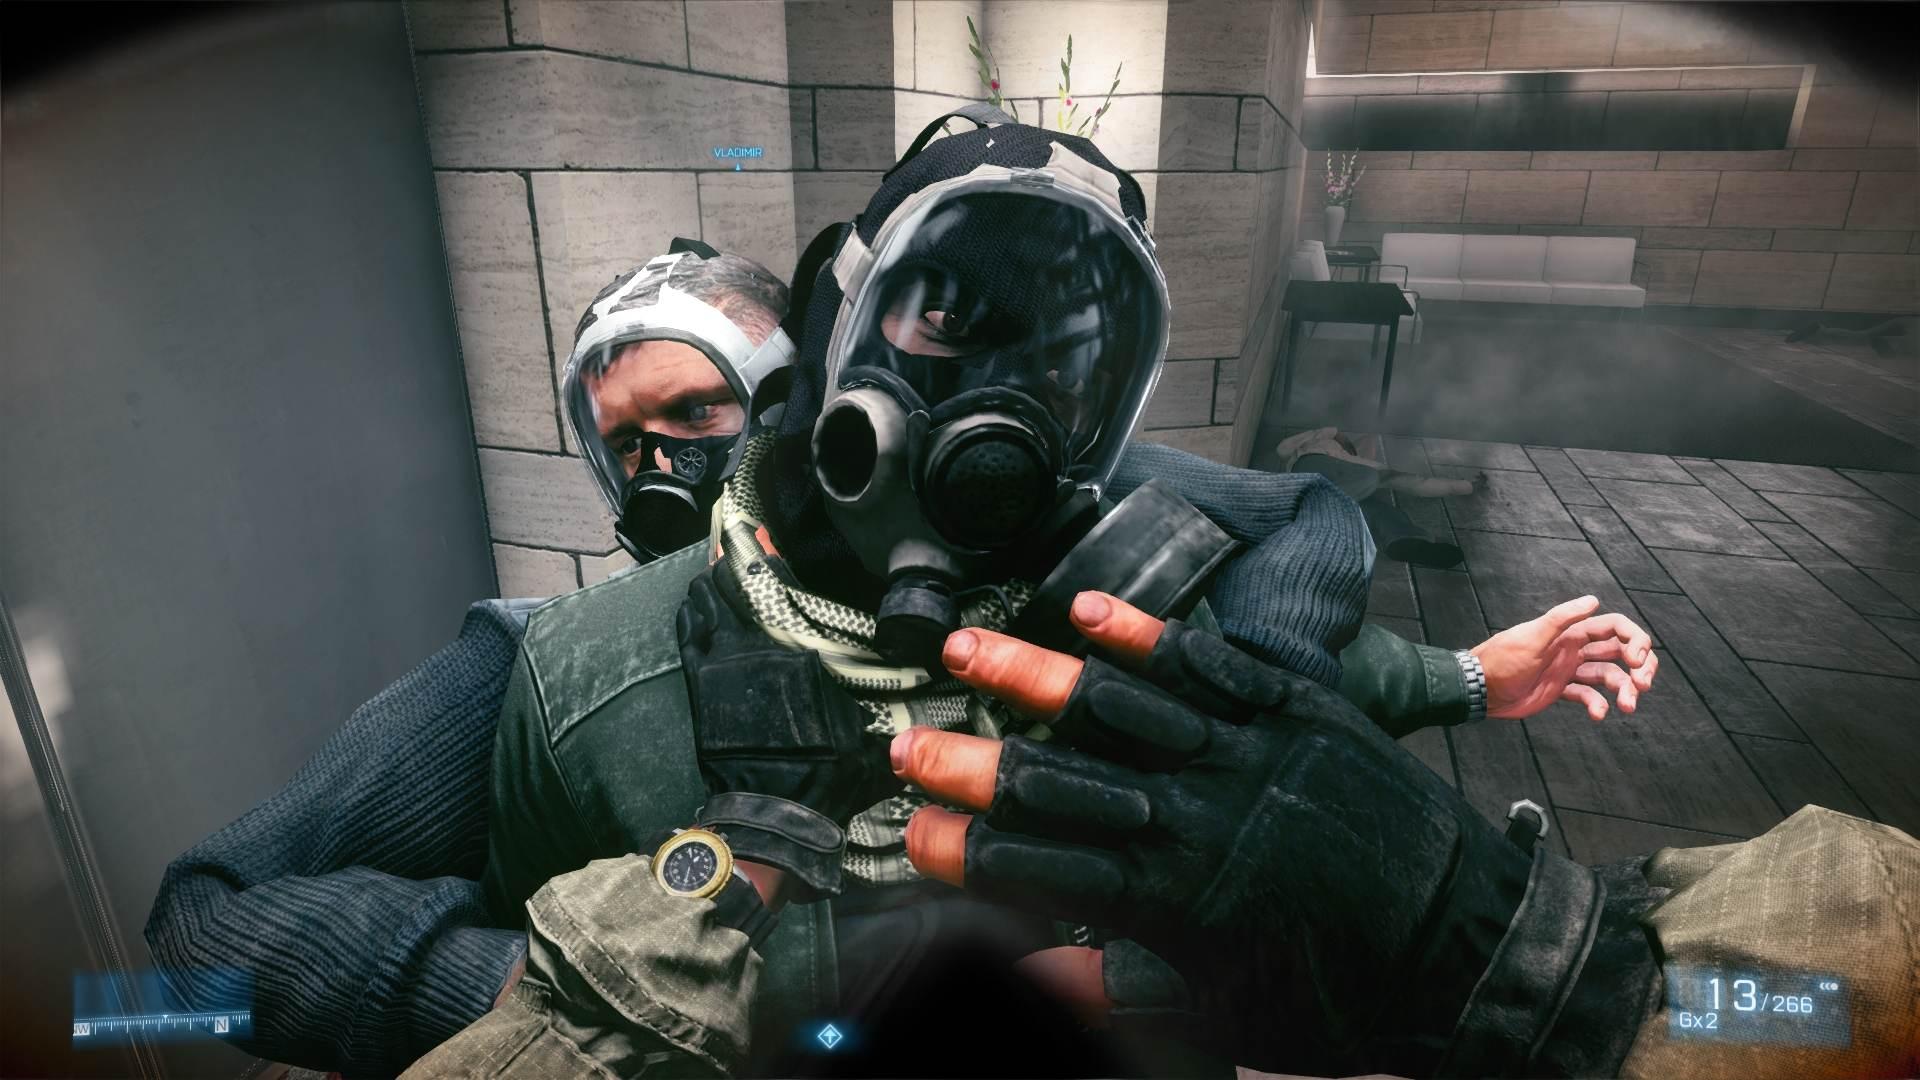 gas mask battlefield wiki battlefield 4 battlefield 3